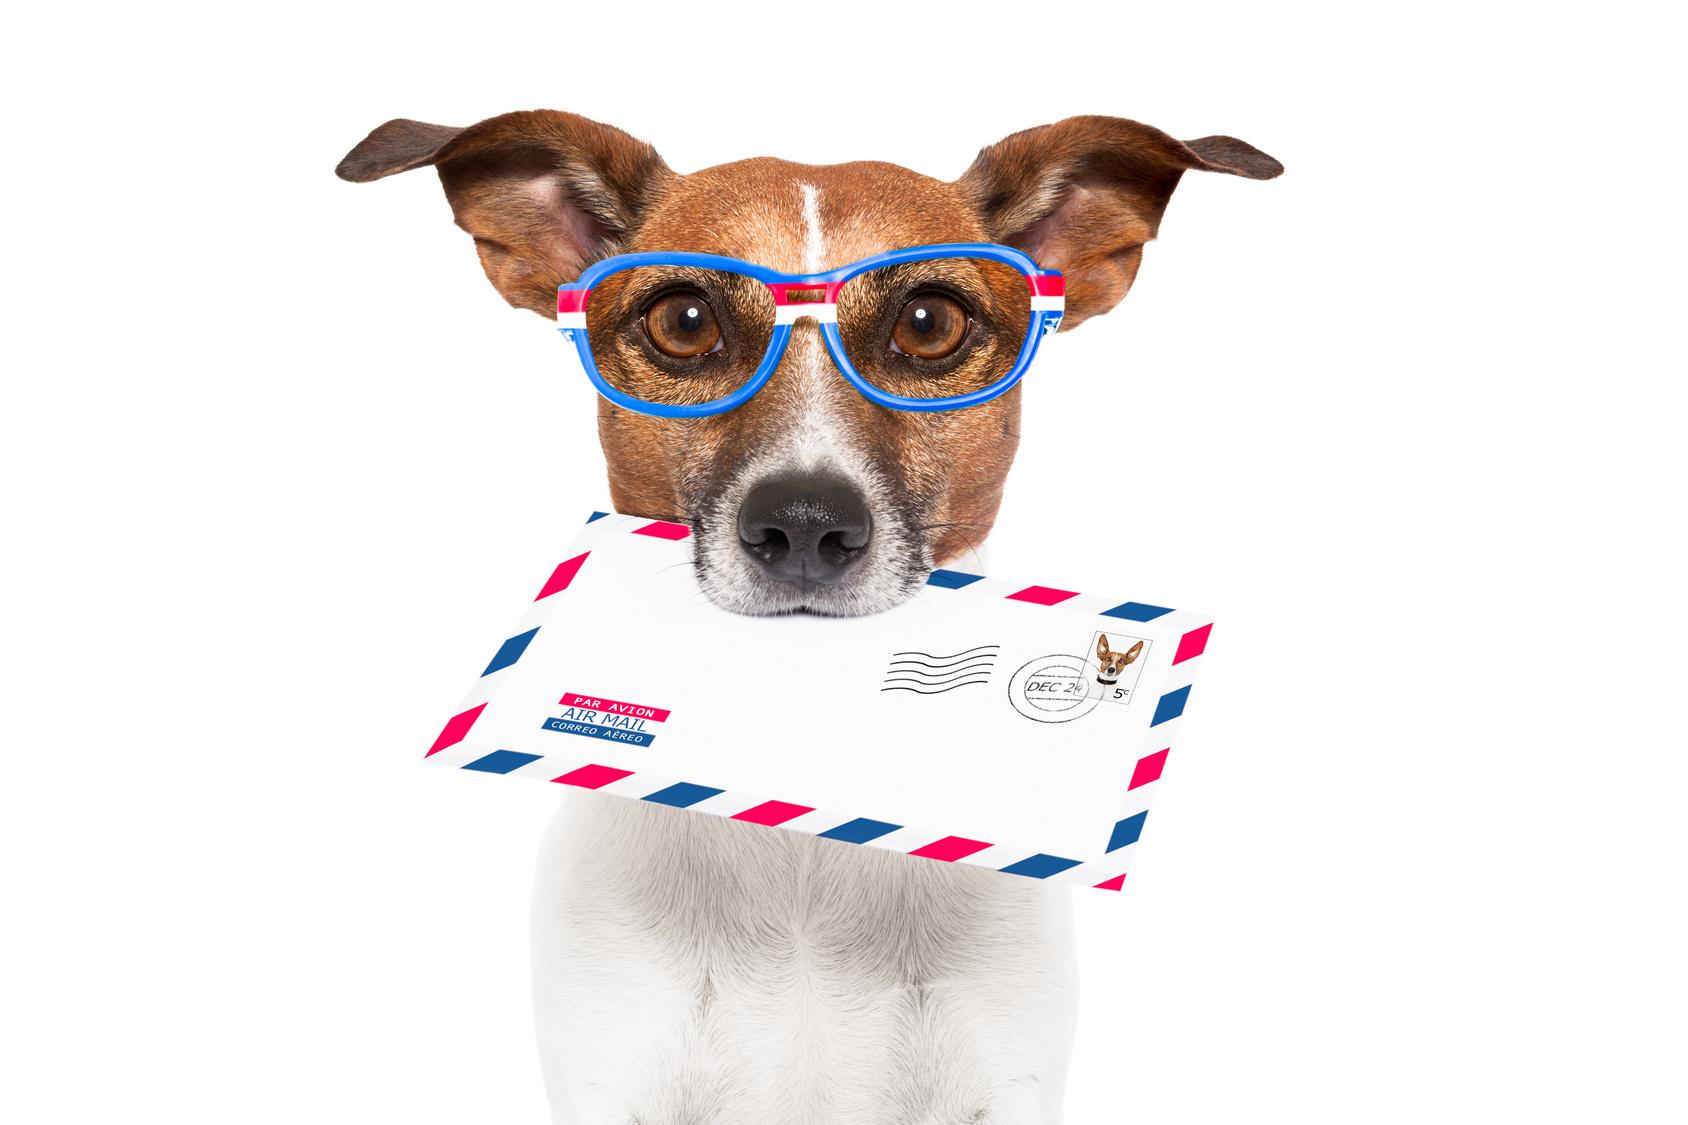 1530105830_sm_emailkurs_Hund-mit-Brief.jpg